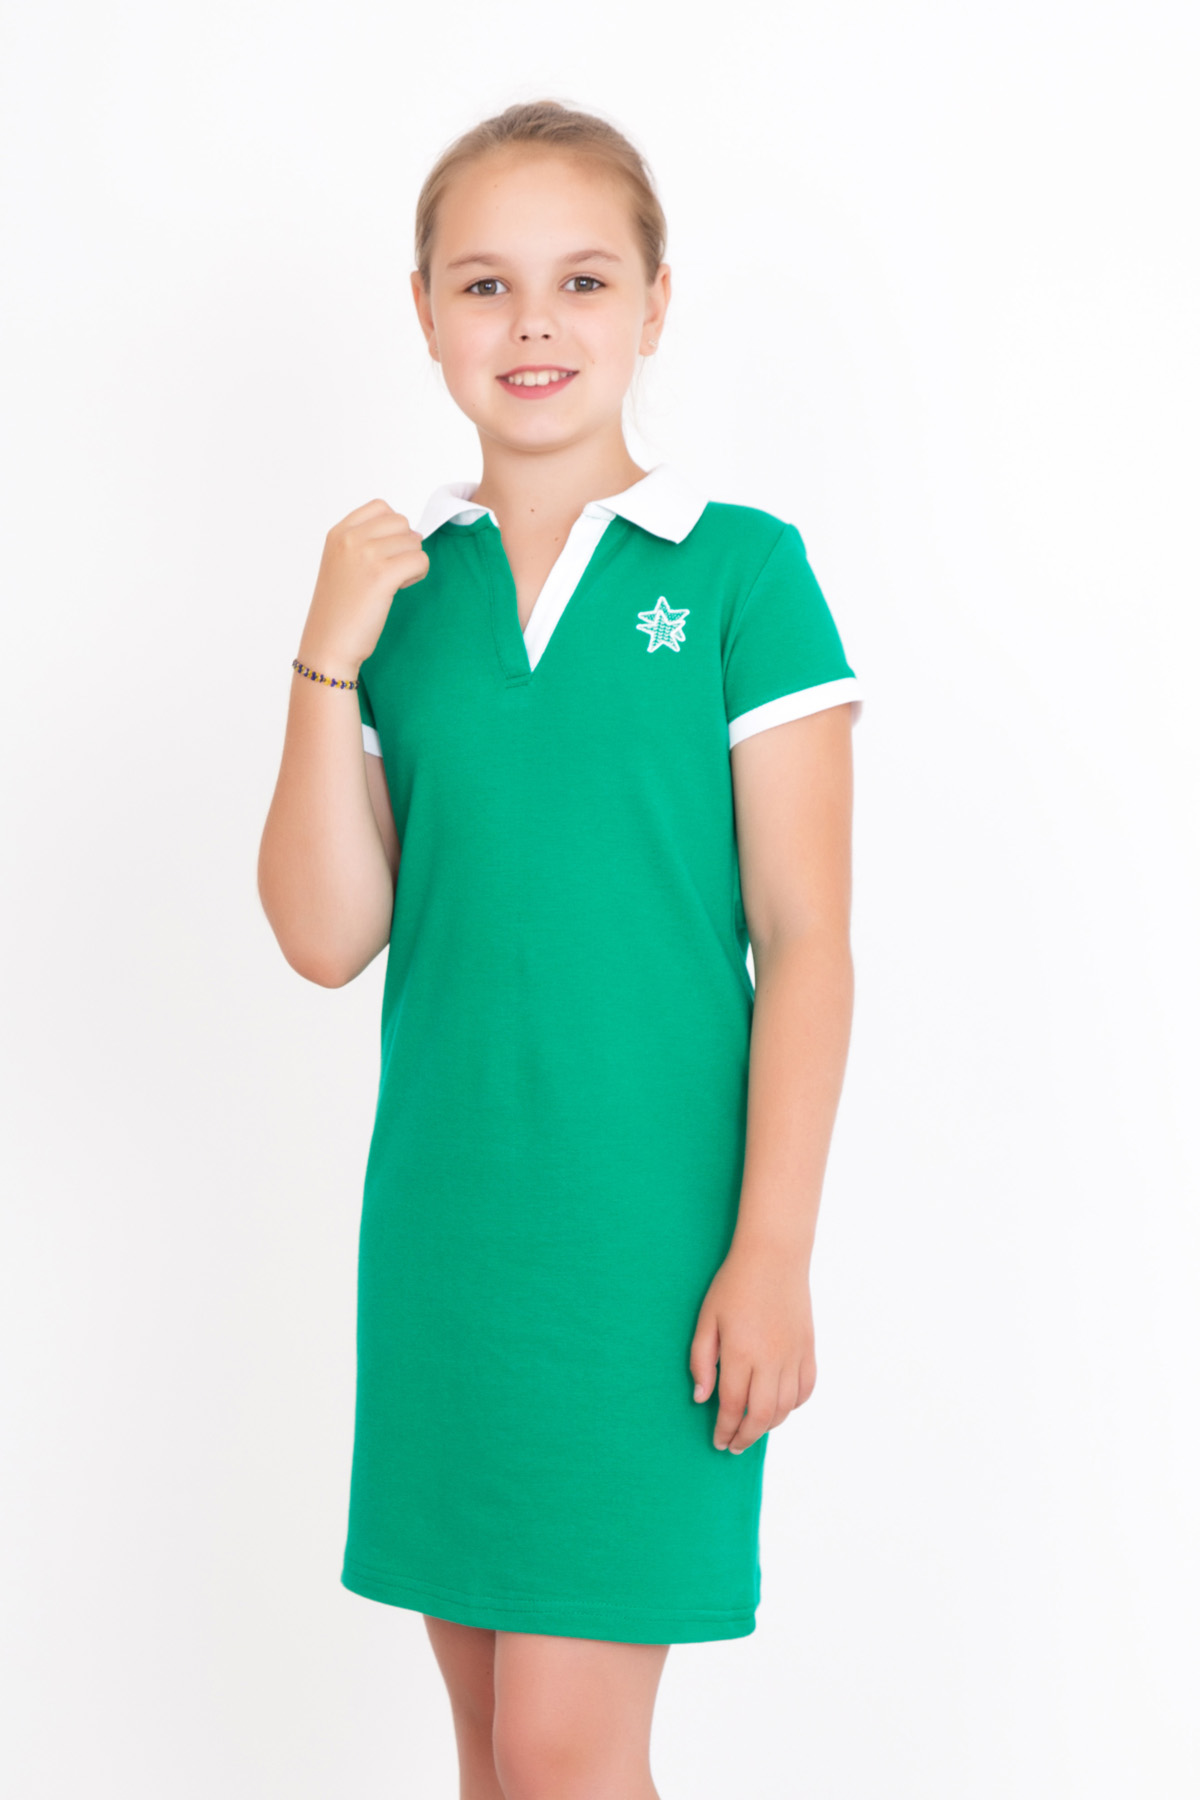 Дет. платье арт. 18-0126 Зеленый р. 38Платья и сарафаны<br><br><br>Тип: Дет. платье<br>Размер: 38<br>Материал: Пике